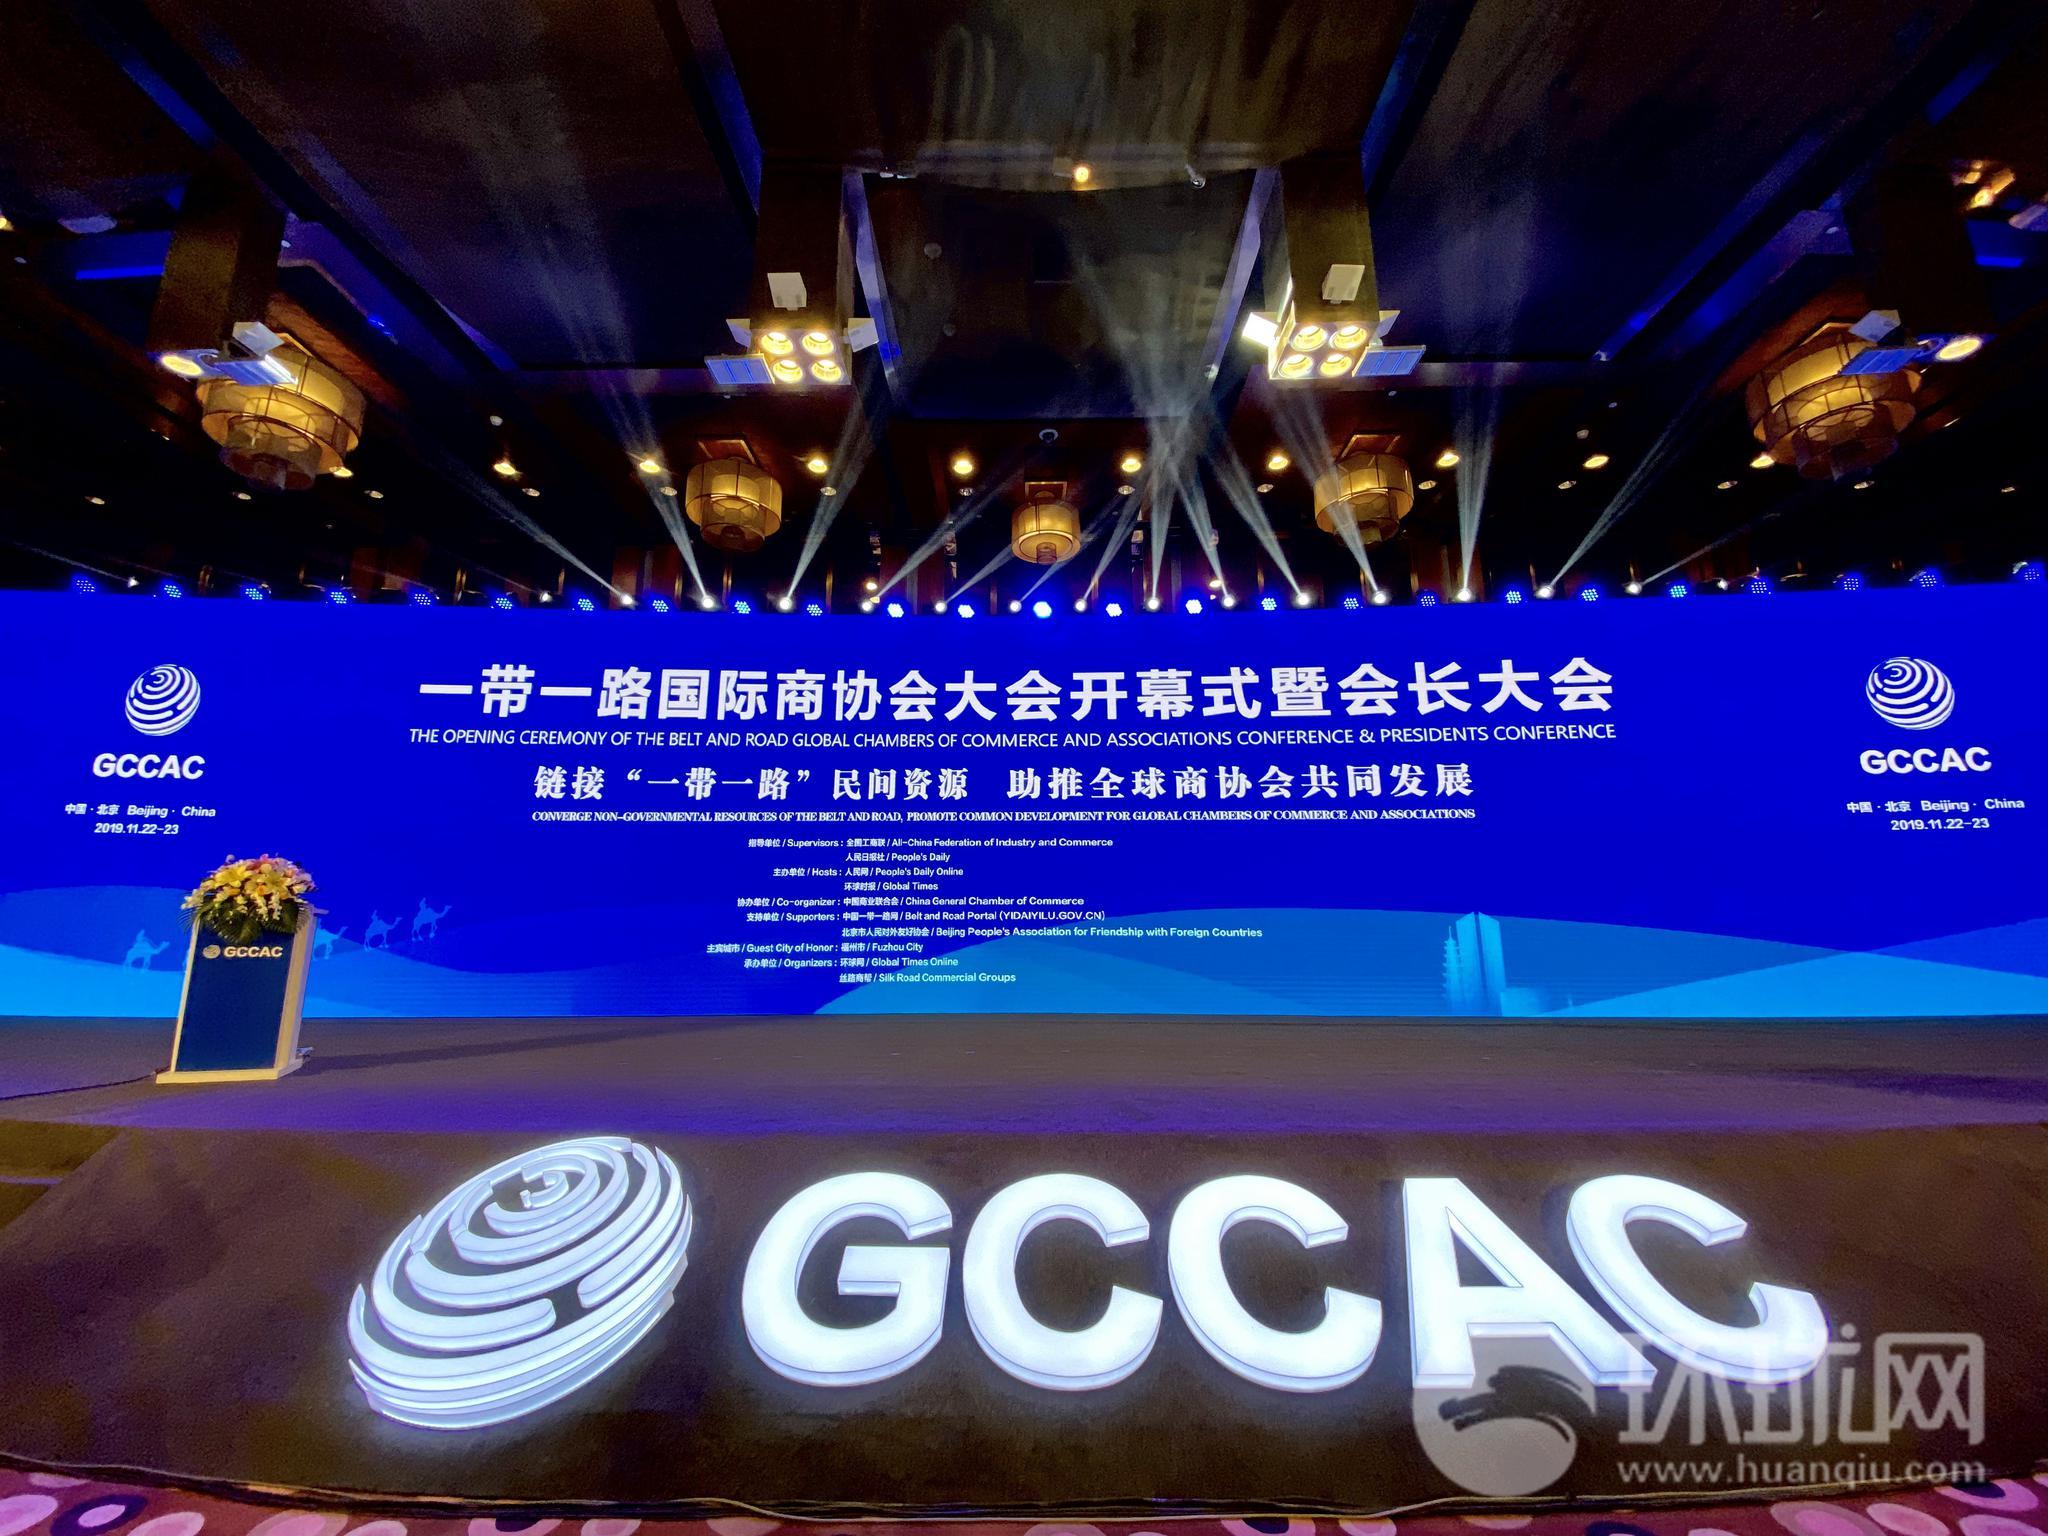 俄罗斯轮盘游戏软件下载|上海调整最低工资标准